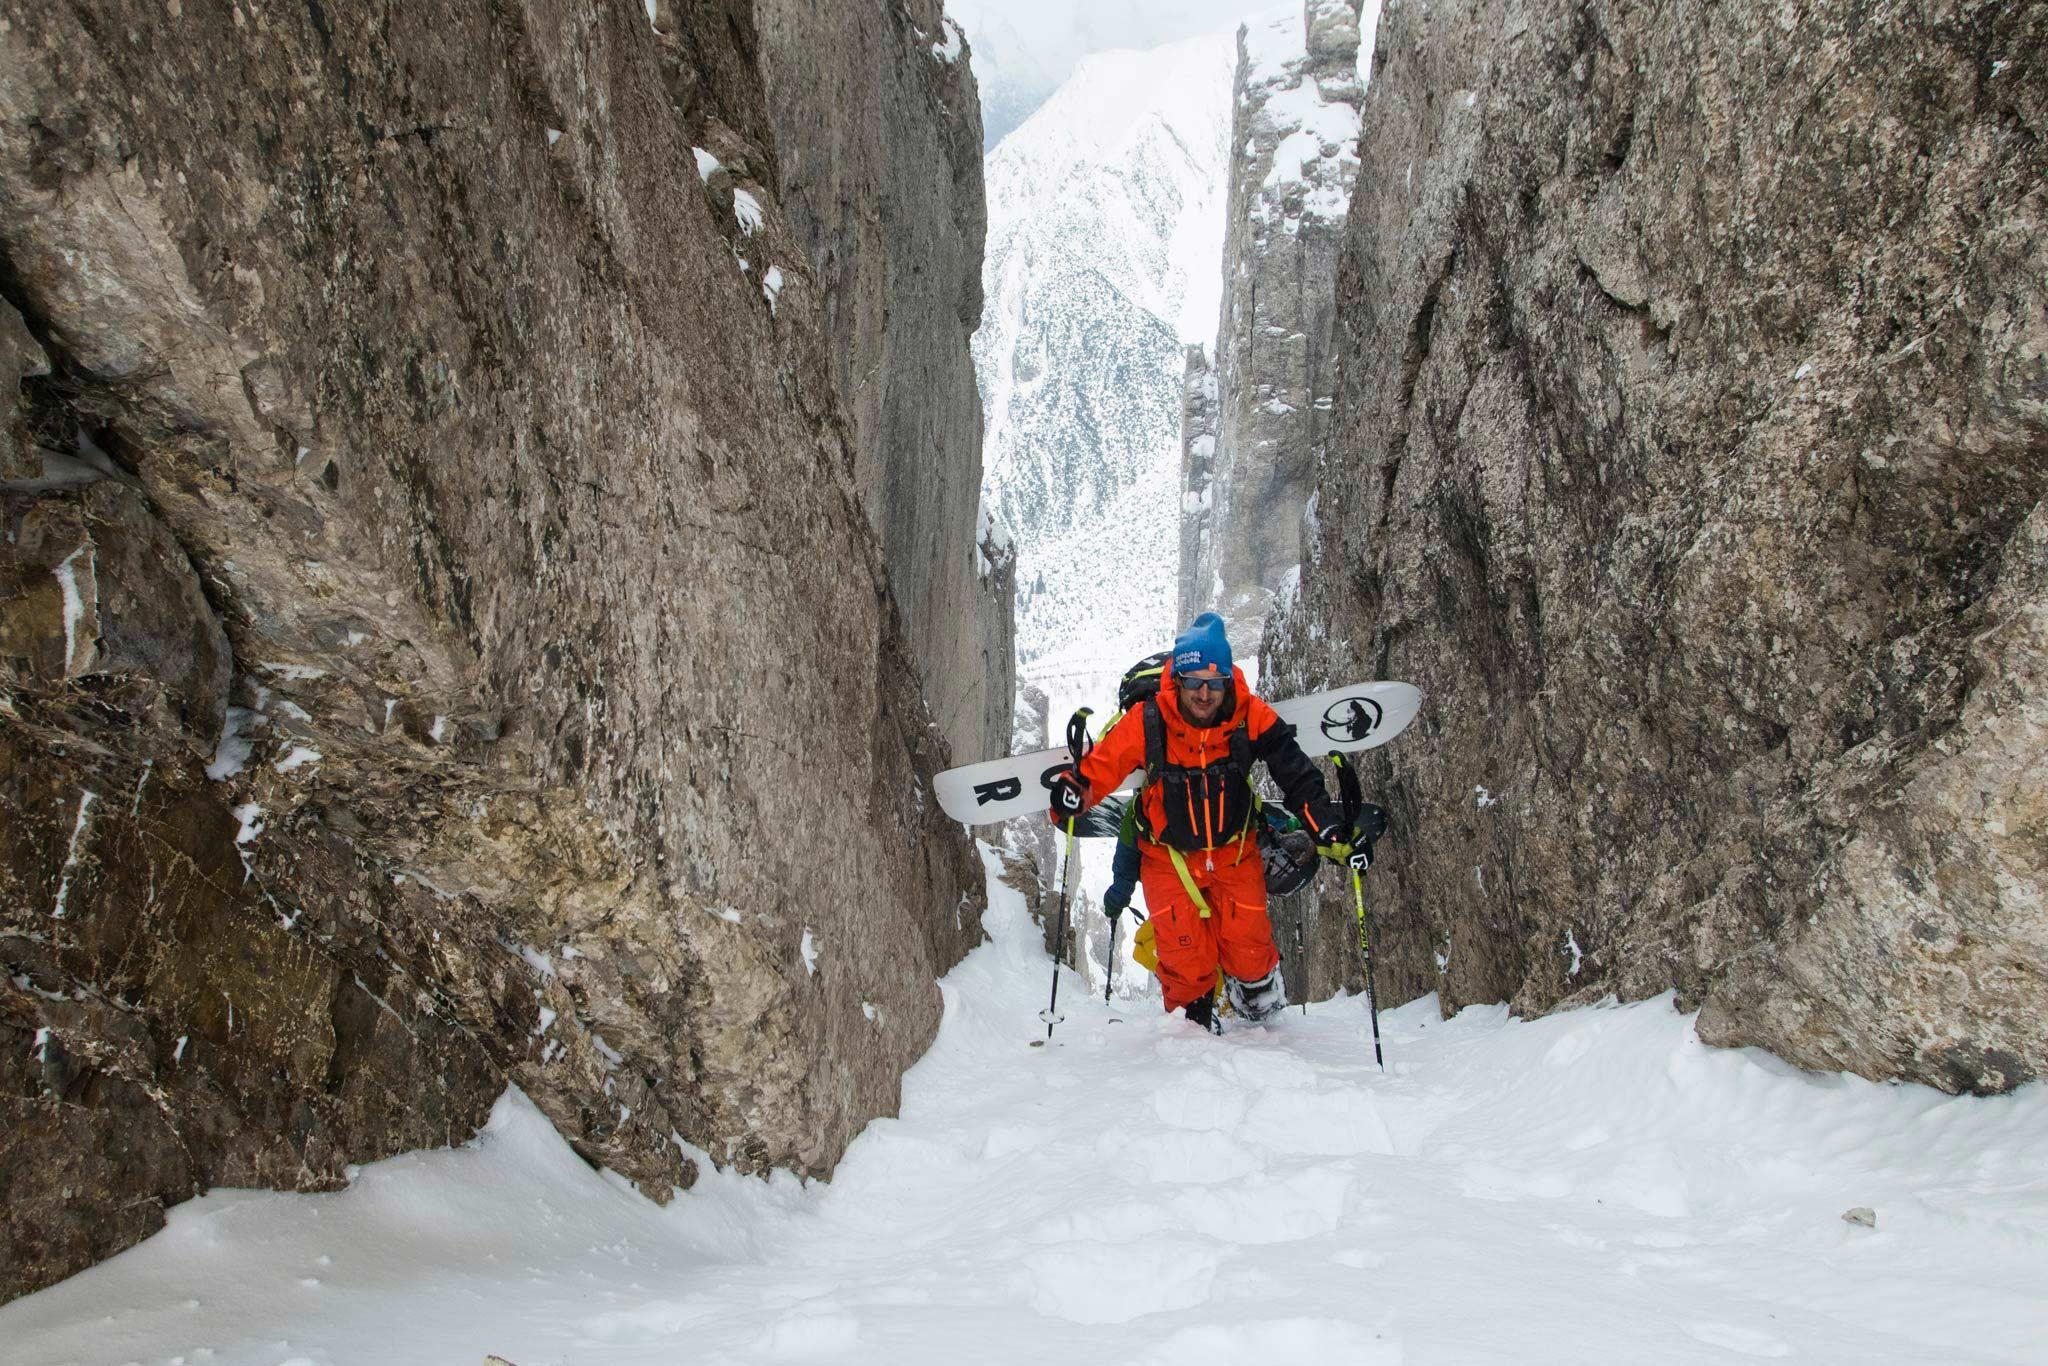 Alexander Hoffmann beim Aufstieg in einer schmalen Rinne - Bild: Jakob Schweighofer